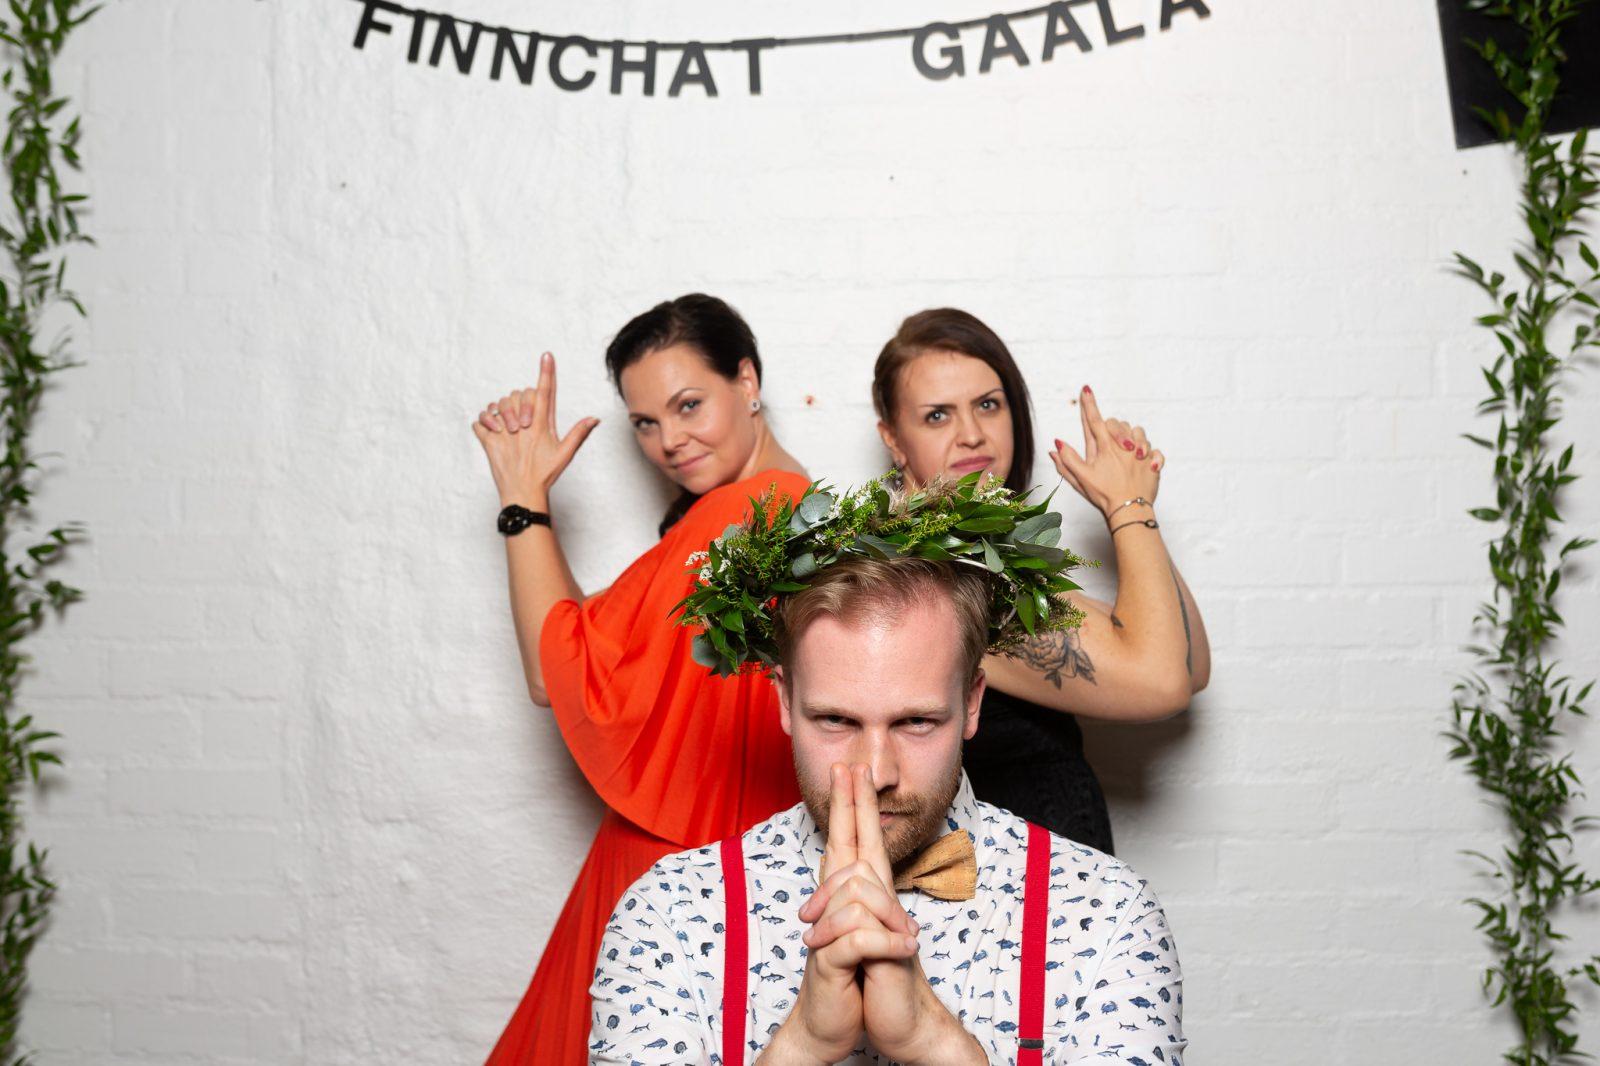 Finnchatin ratkaisuksi valikoitui ReachMee by Talentech.